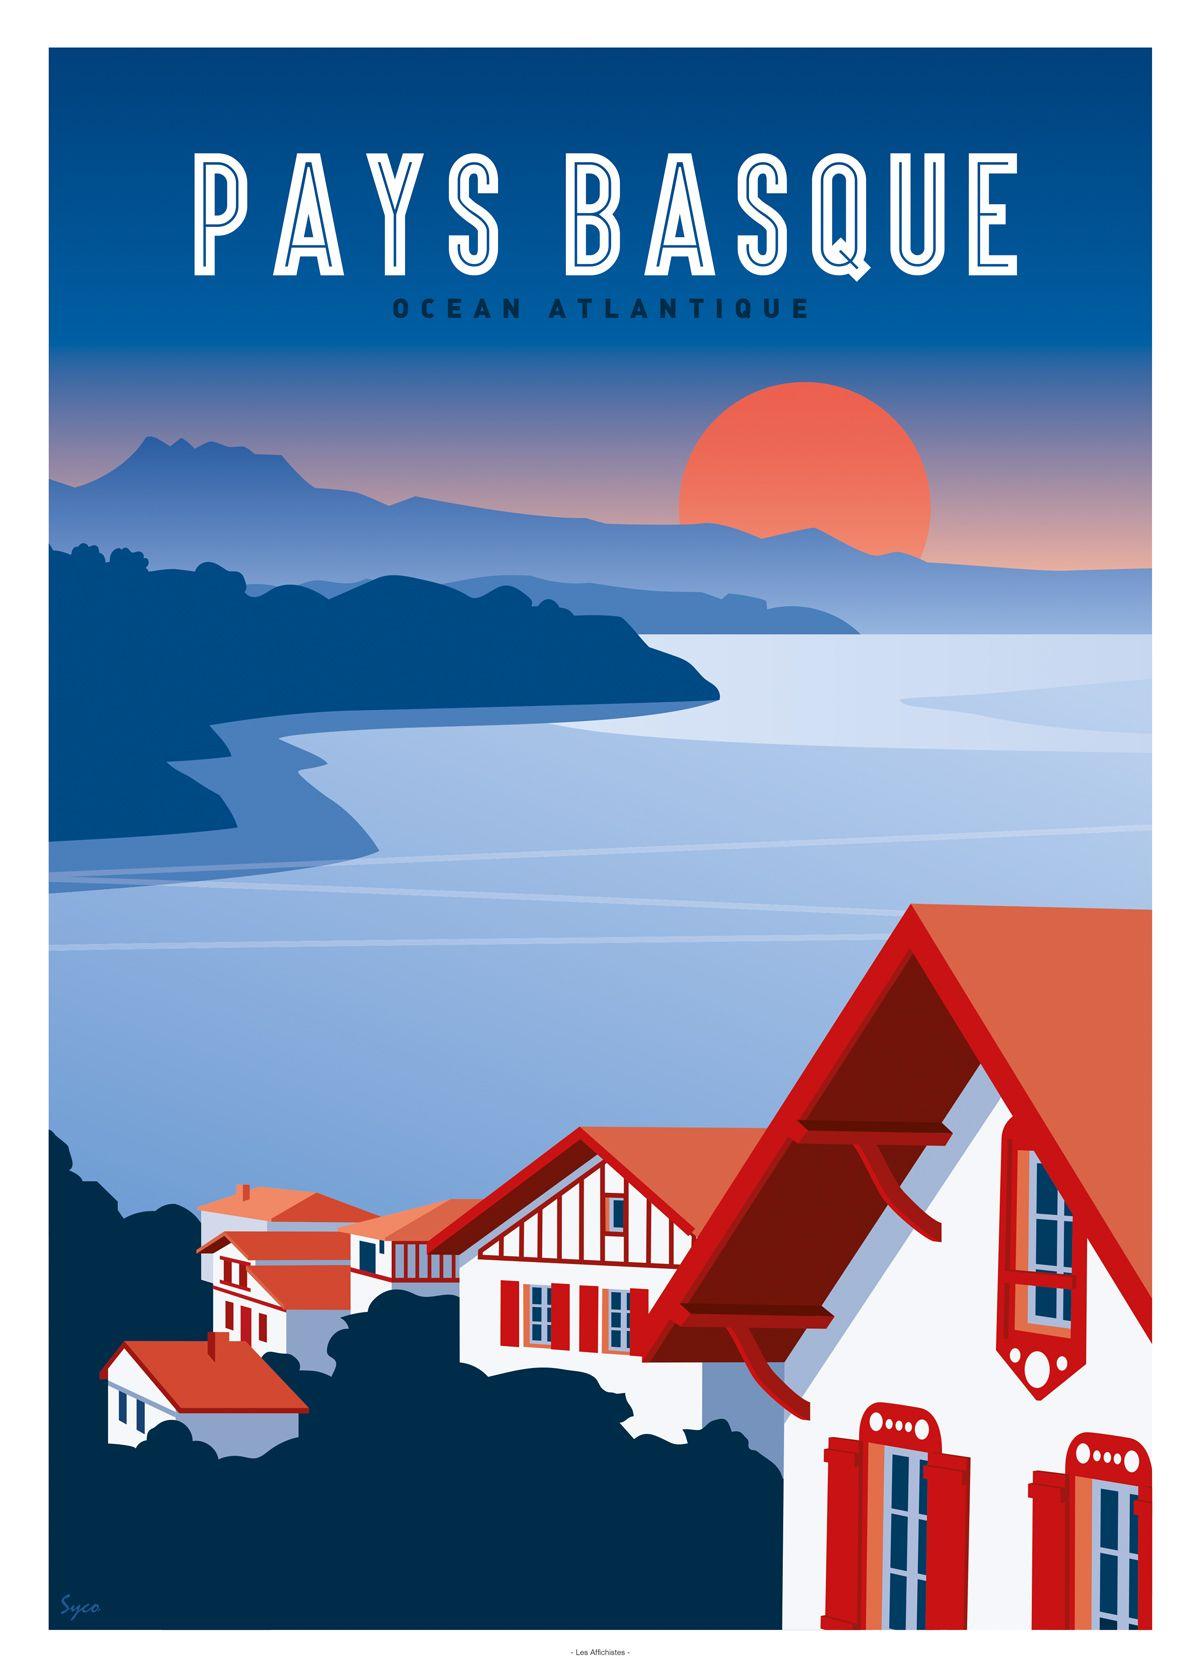 Affiche Pays Basque Ocean Atlantique En 2020 Pays Basque Affiches De Voyage Retro Basque